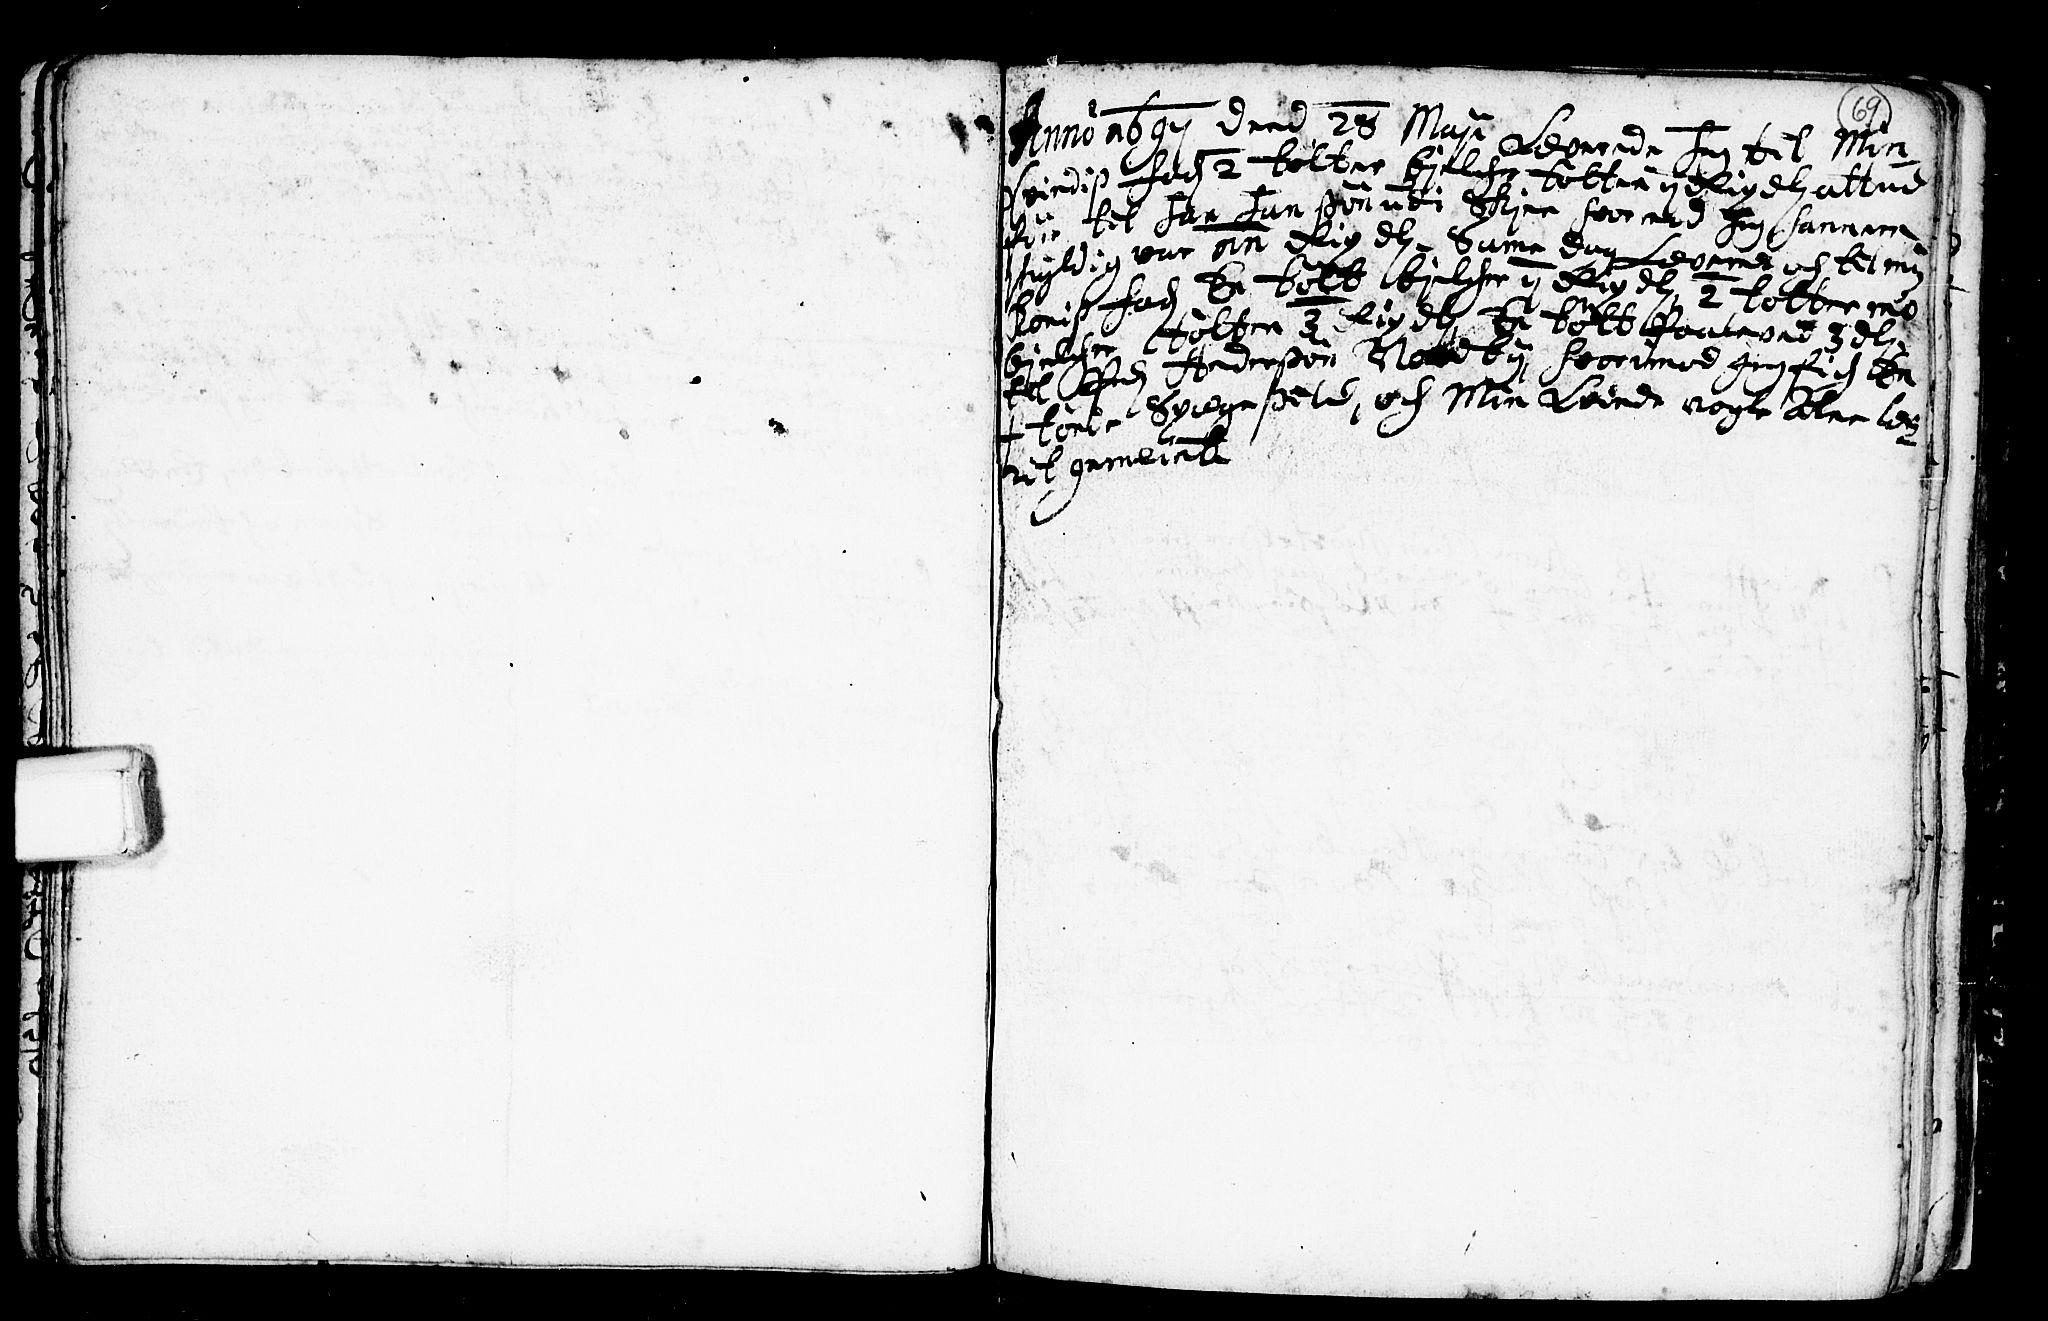 SAKO, Heddal kirkebøker, F/Fa/L0001: Ministerialbok nr. I 1, 1648-1699, s. 69